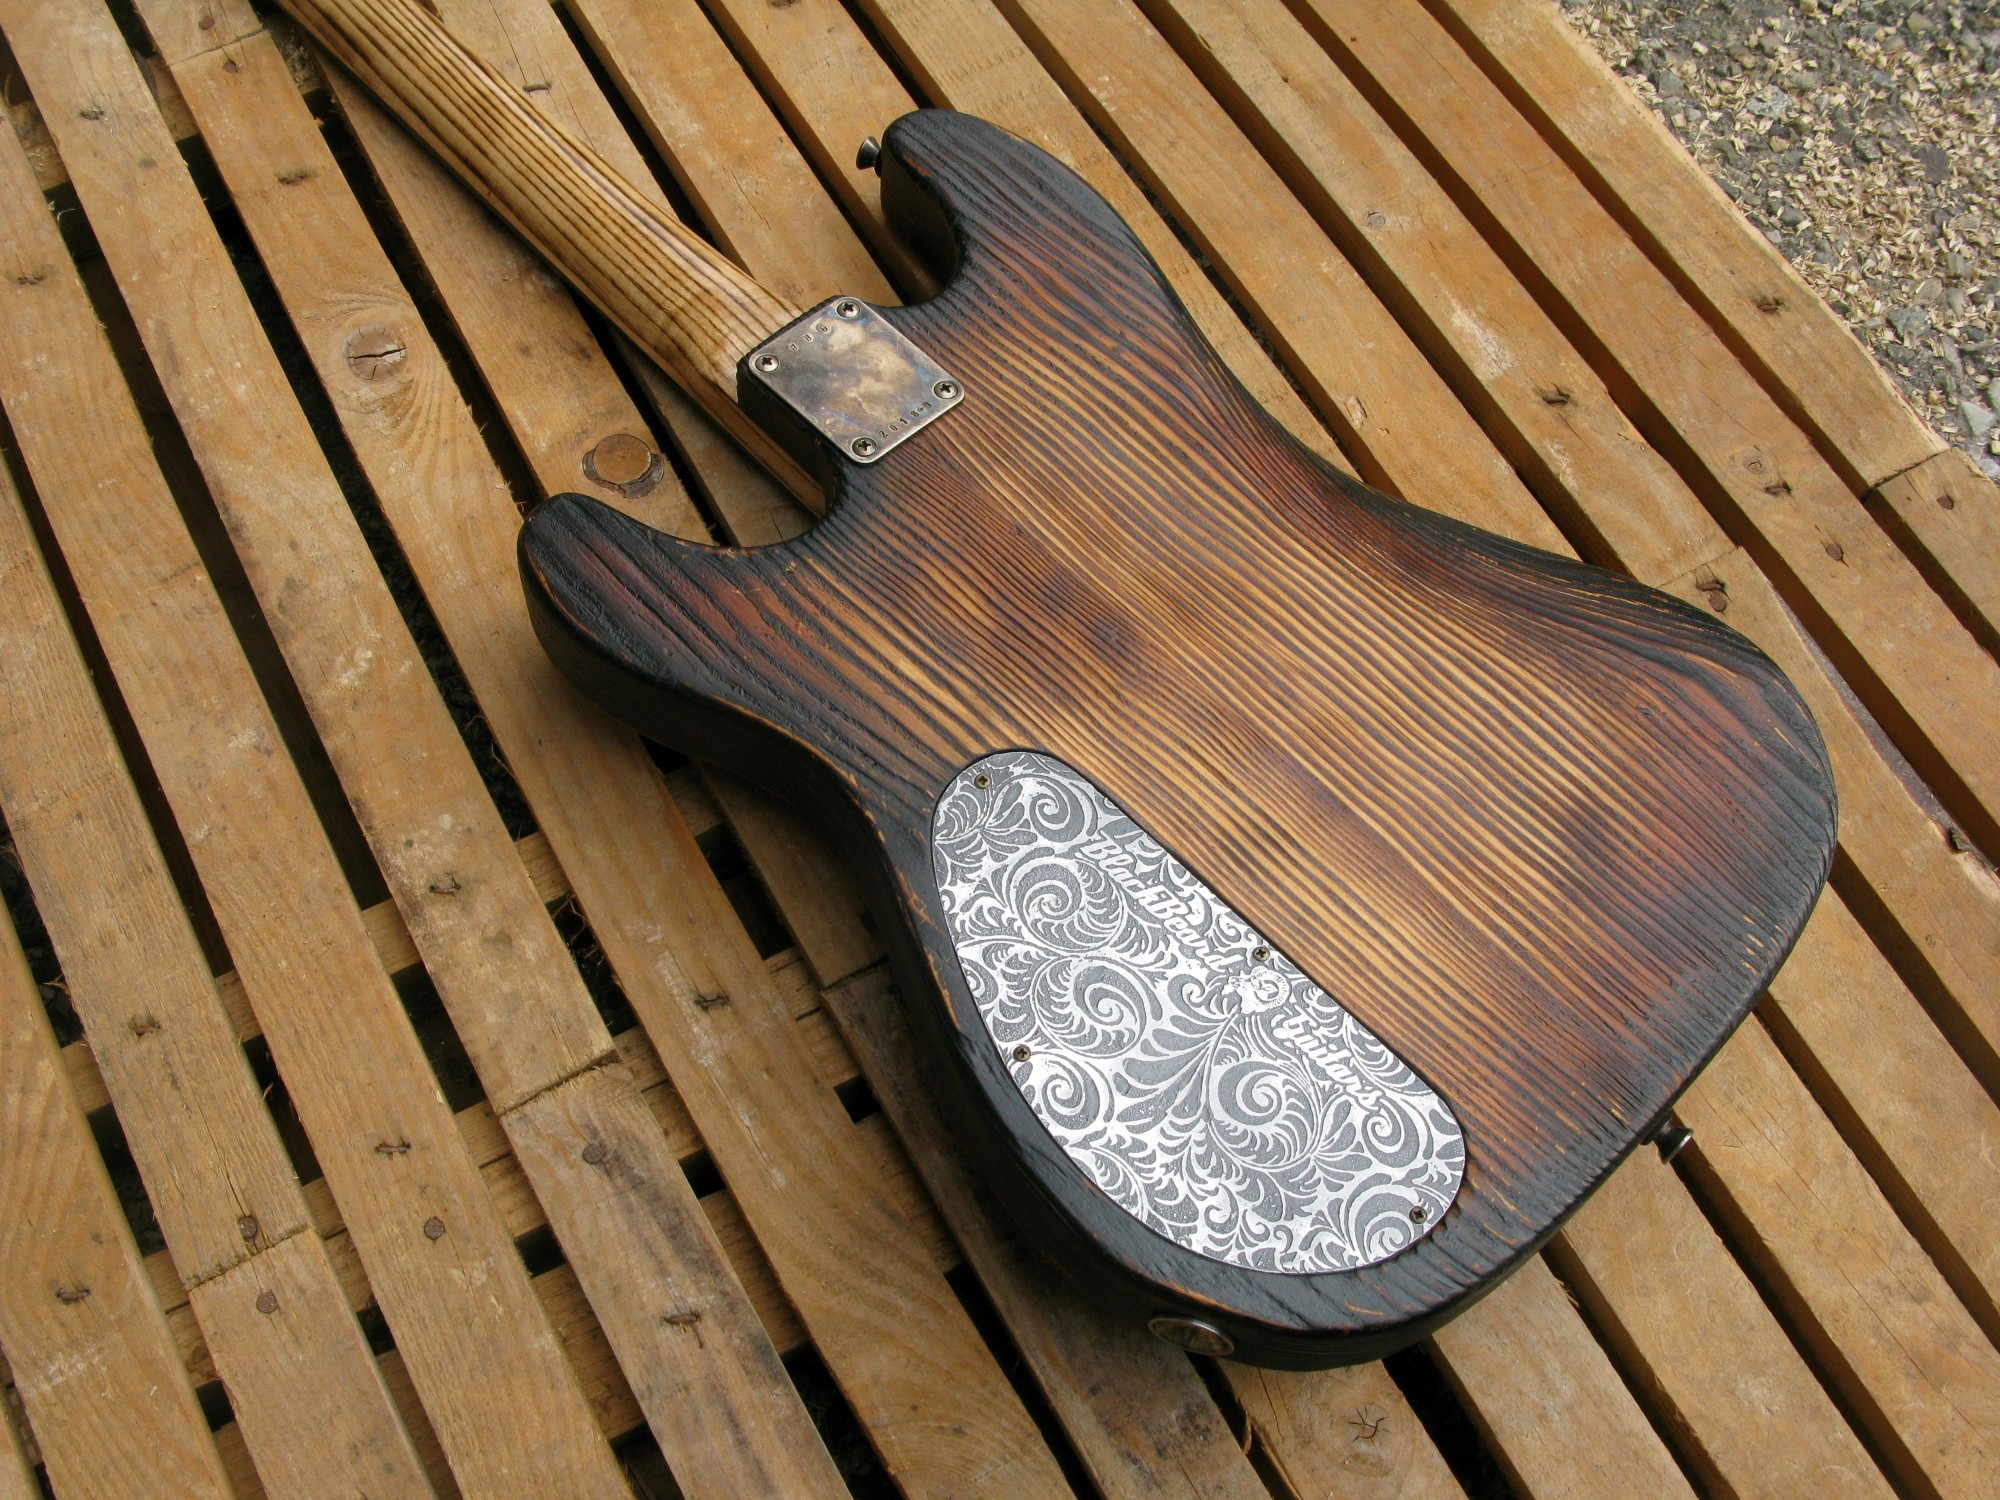 Chitarra modello Stratocaster, body in pino, manico in frassino, reverse: retro